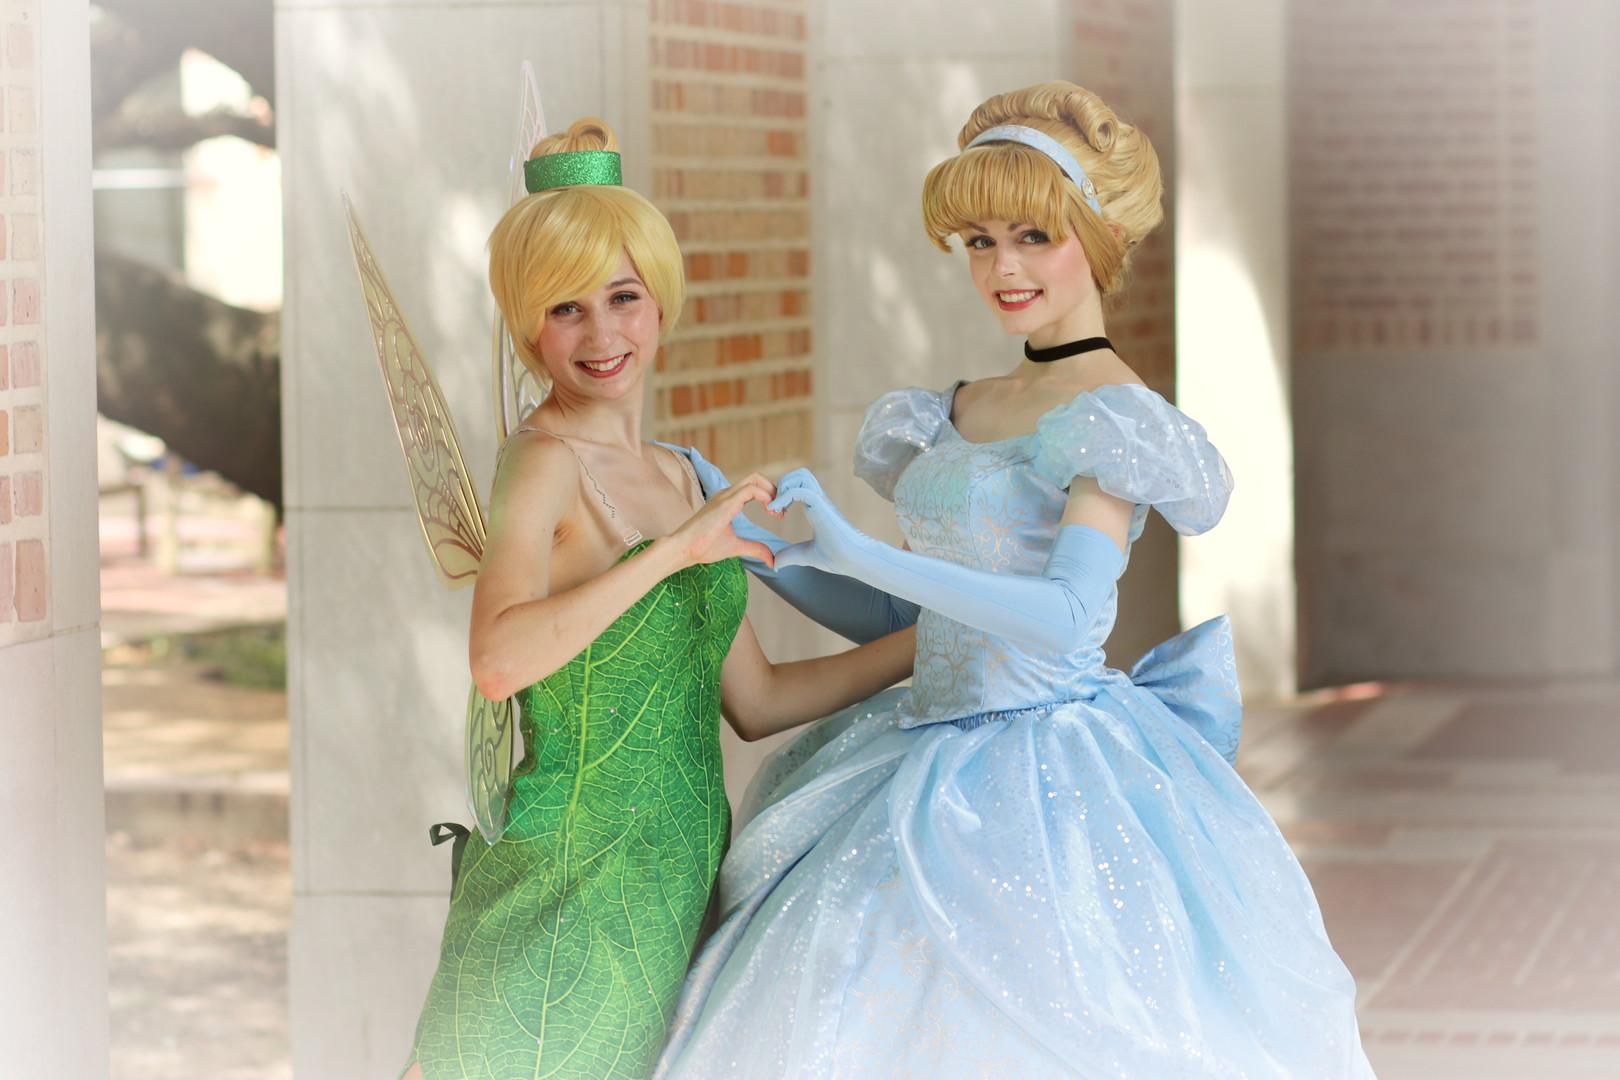 PrincessFriends.jpeg